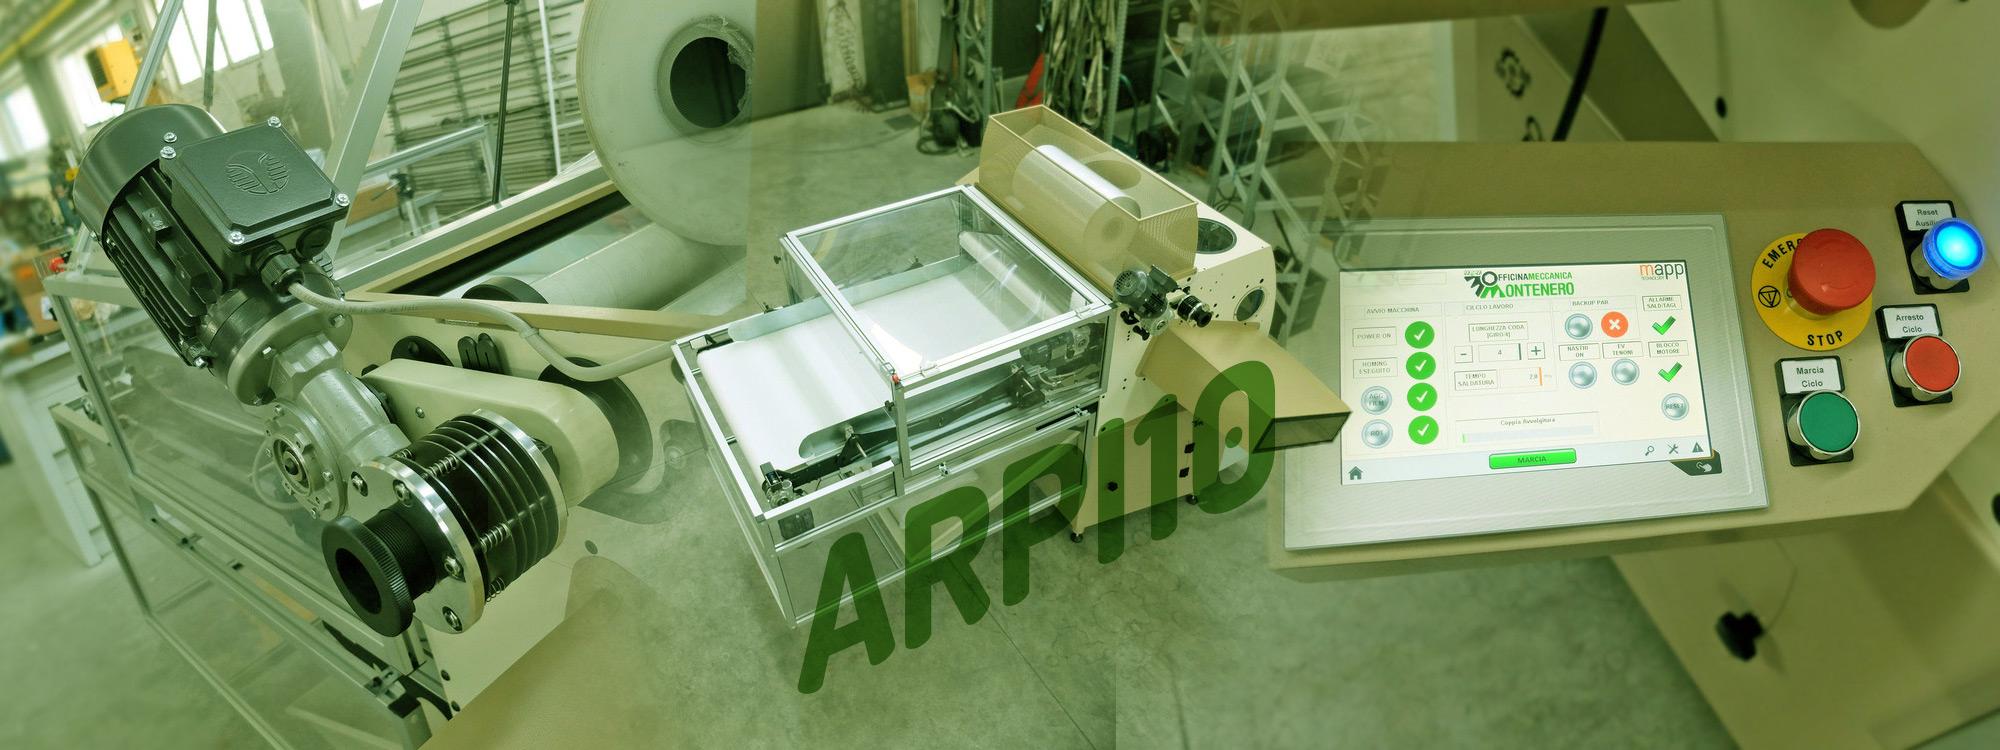 Packing Machine ARPI 10 - Montenero